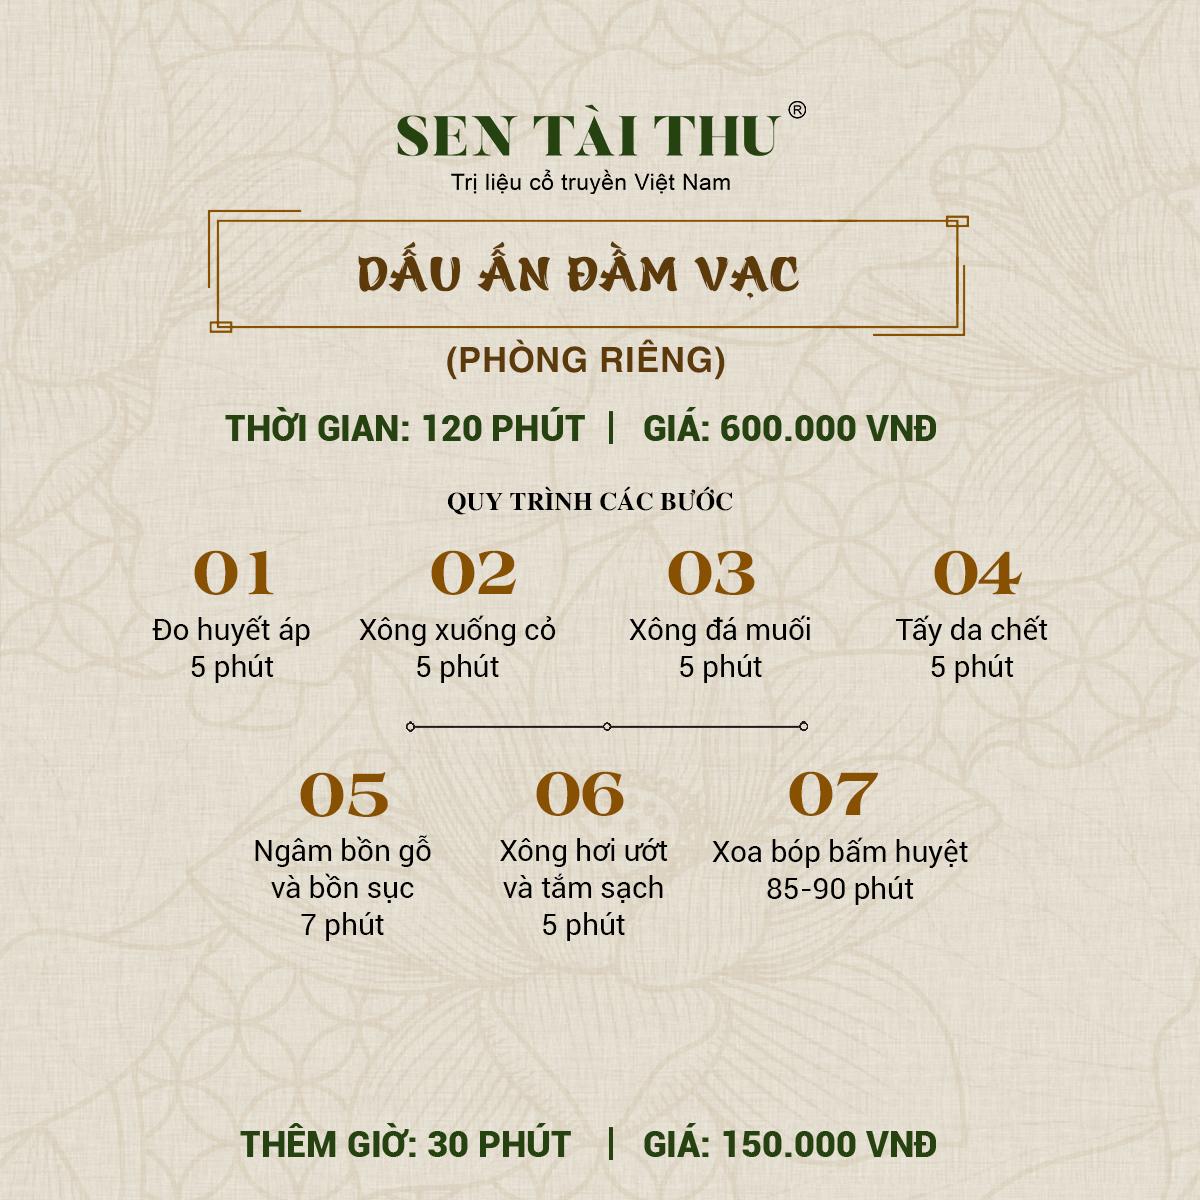 Bảng giá Sen Tài Thu Vĩnh Phúc - Phòng riêng 120 phút